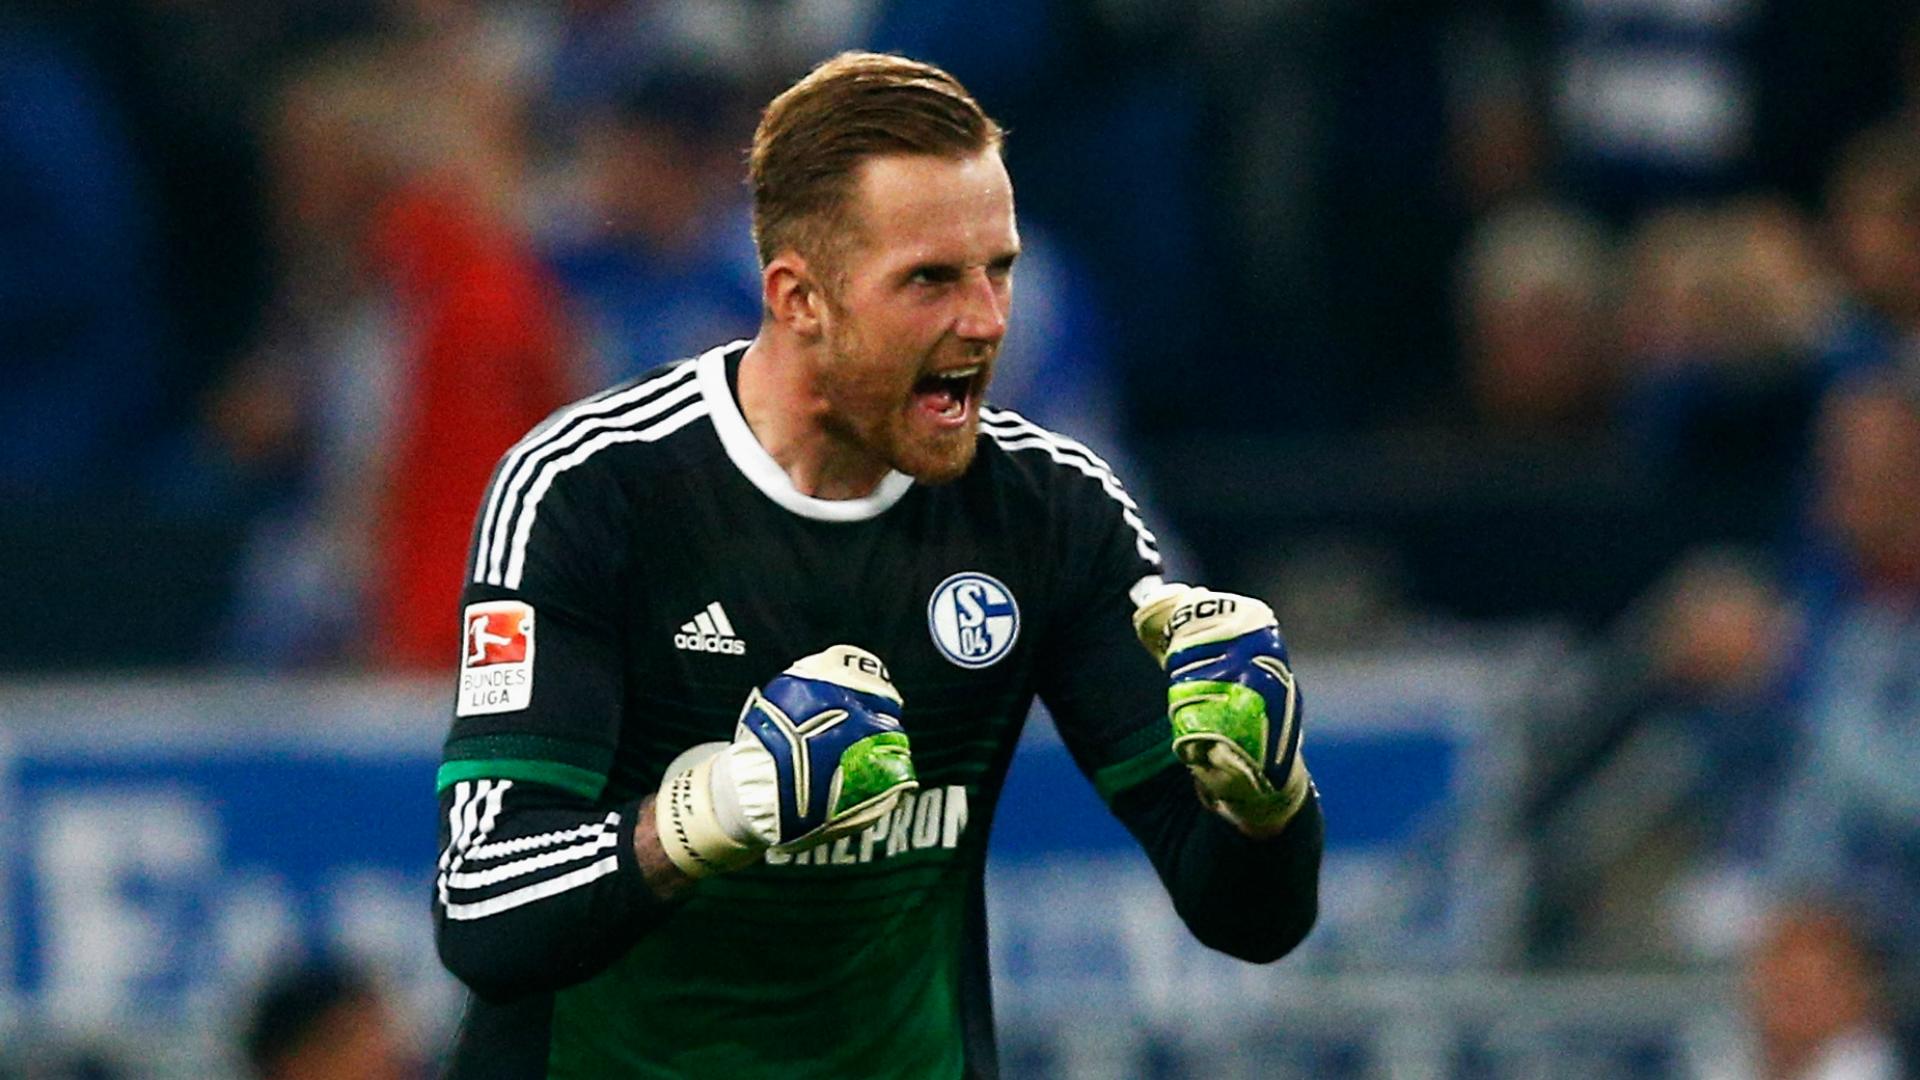 Norwich sign Schalke goalkeeper Fahrmann on loan